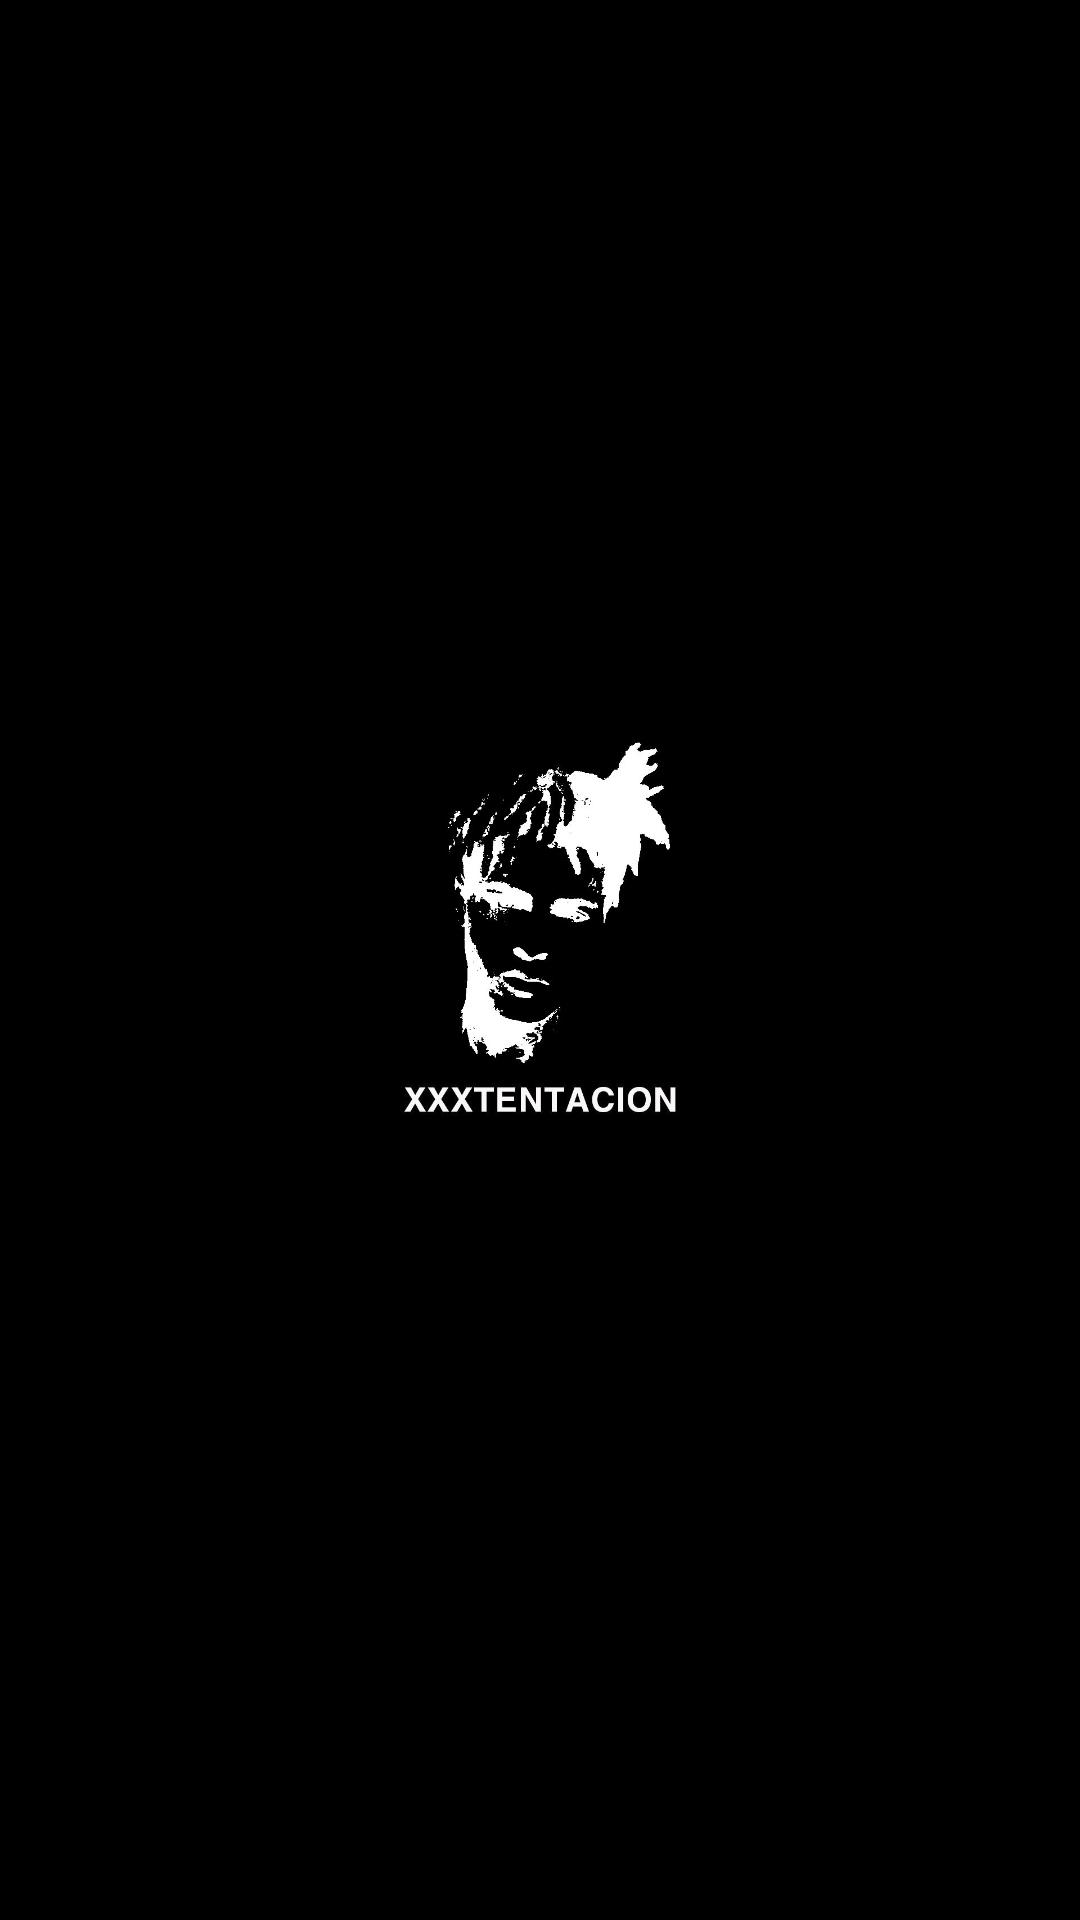 Xxxtentacion White Hair Wallpapers Top Free Xxxtentacion